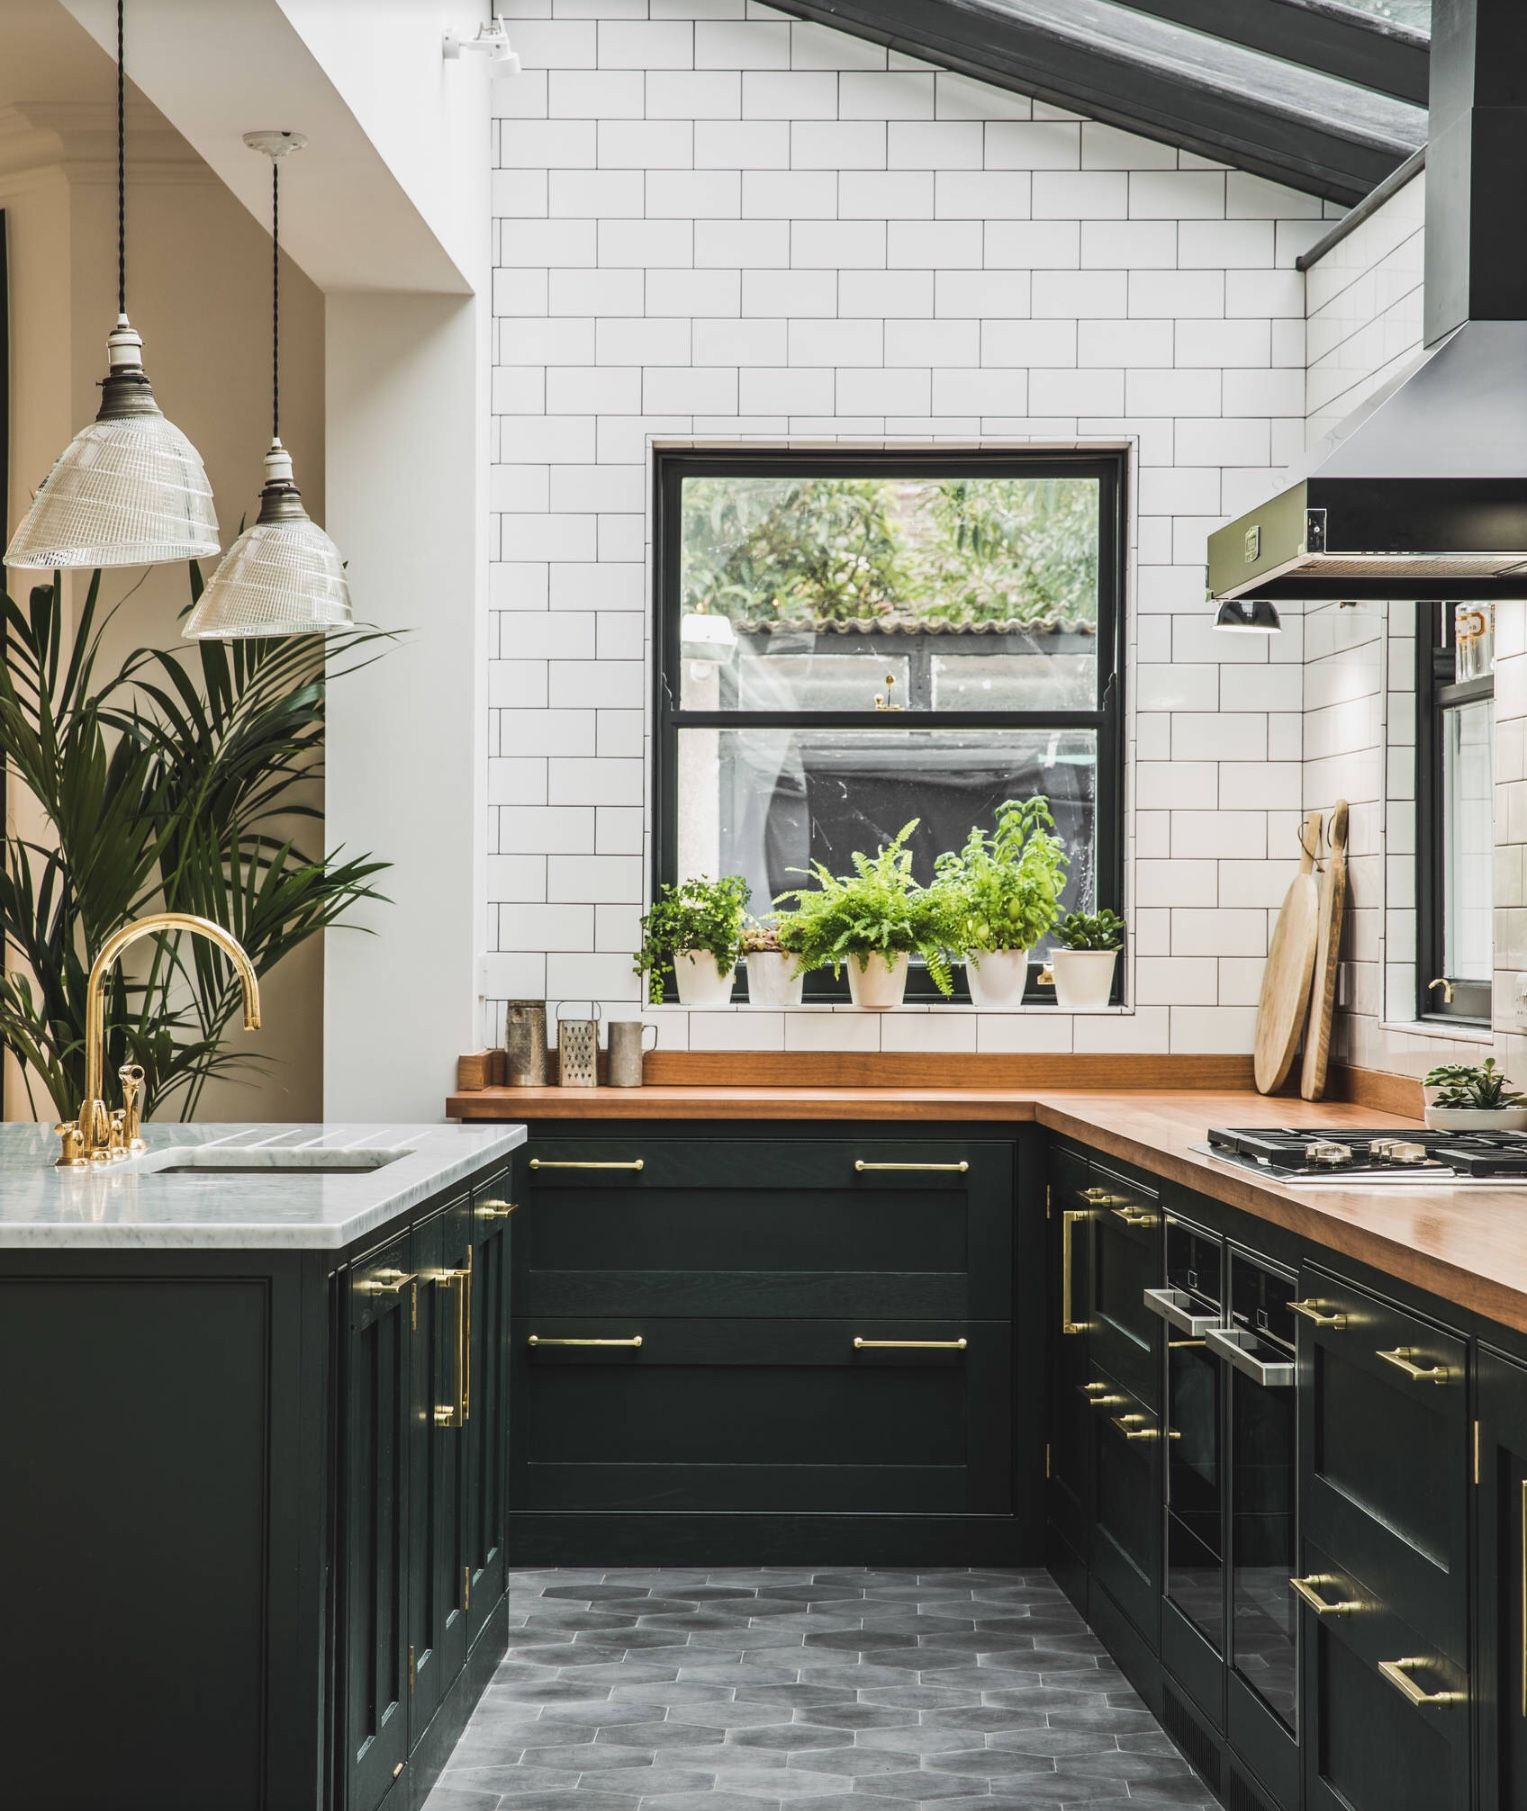 L Shaped Kitchen Island Kitchen Traditional With Apron: Cuisine Avec Meubles Noirs Mats Et Mur En Carrelage Métro